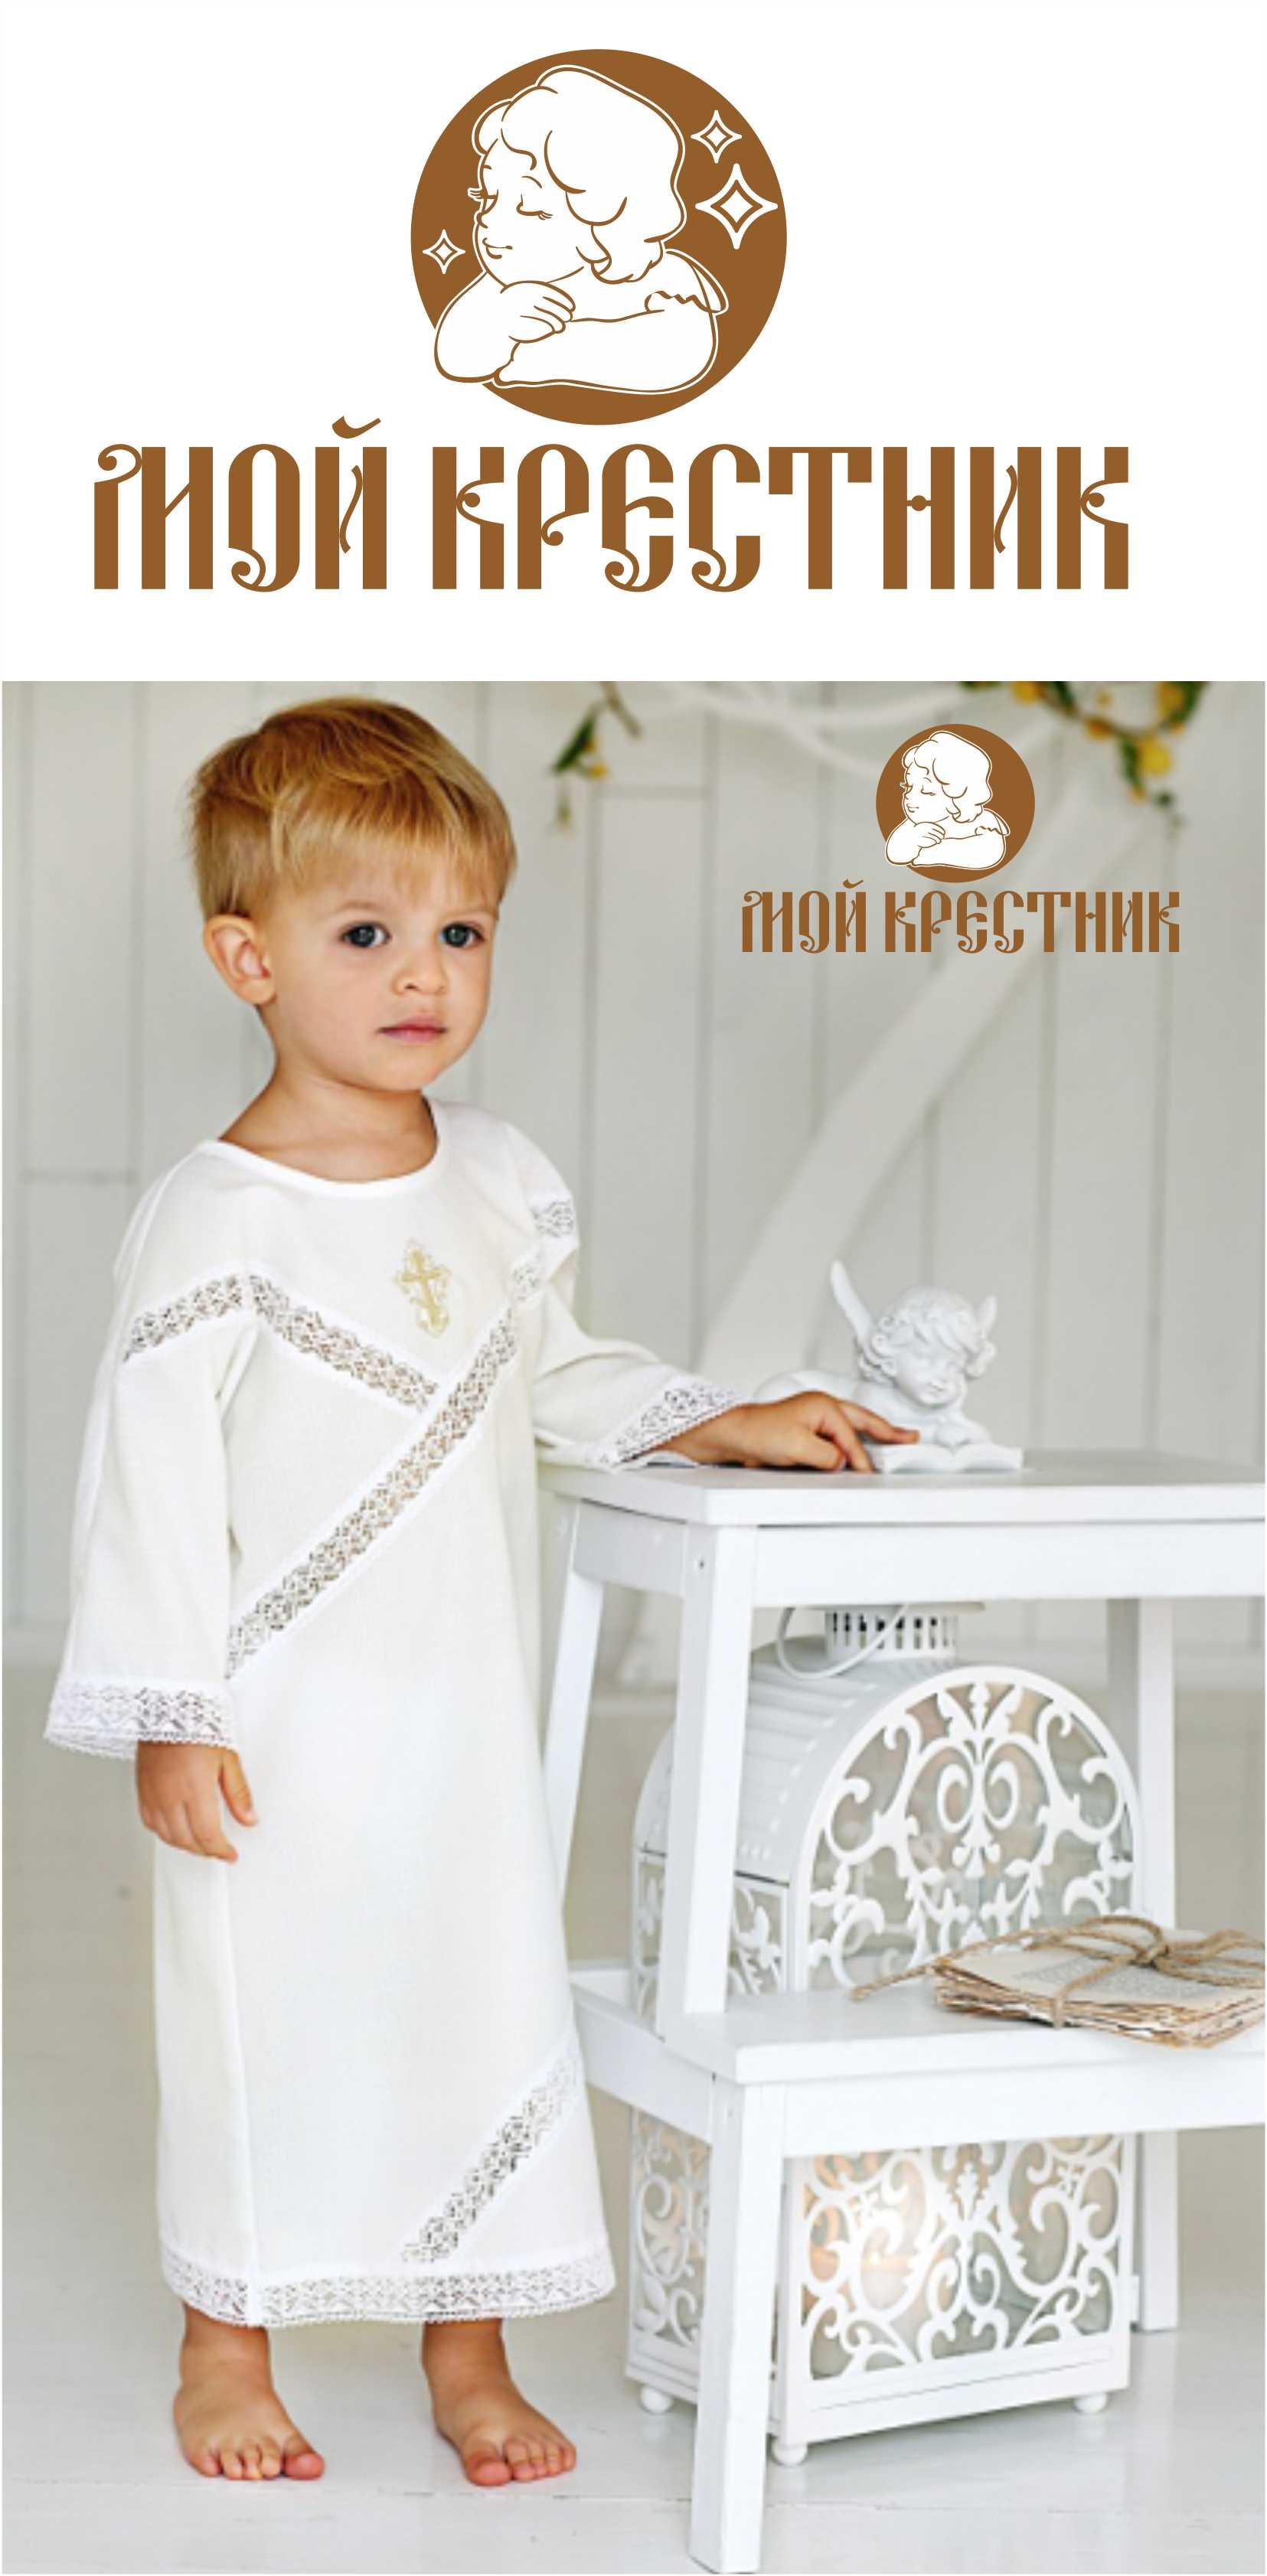 Логотип для крестильной одежды(детской). фото f_6455d4db284138c8.jpg